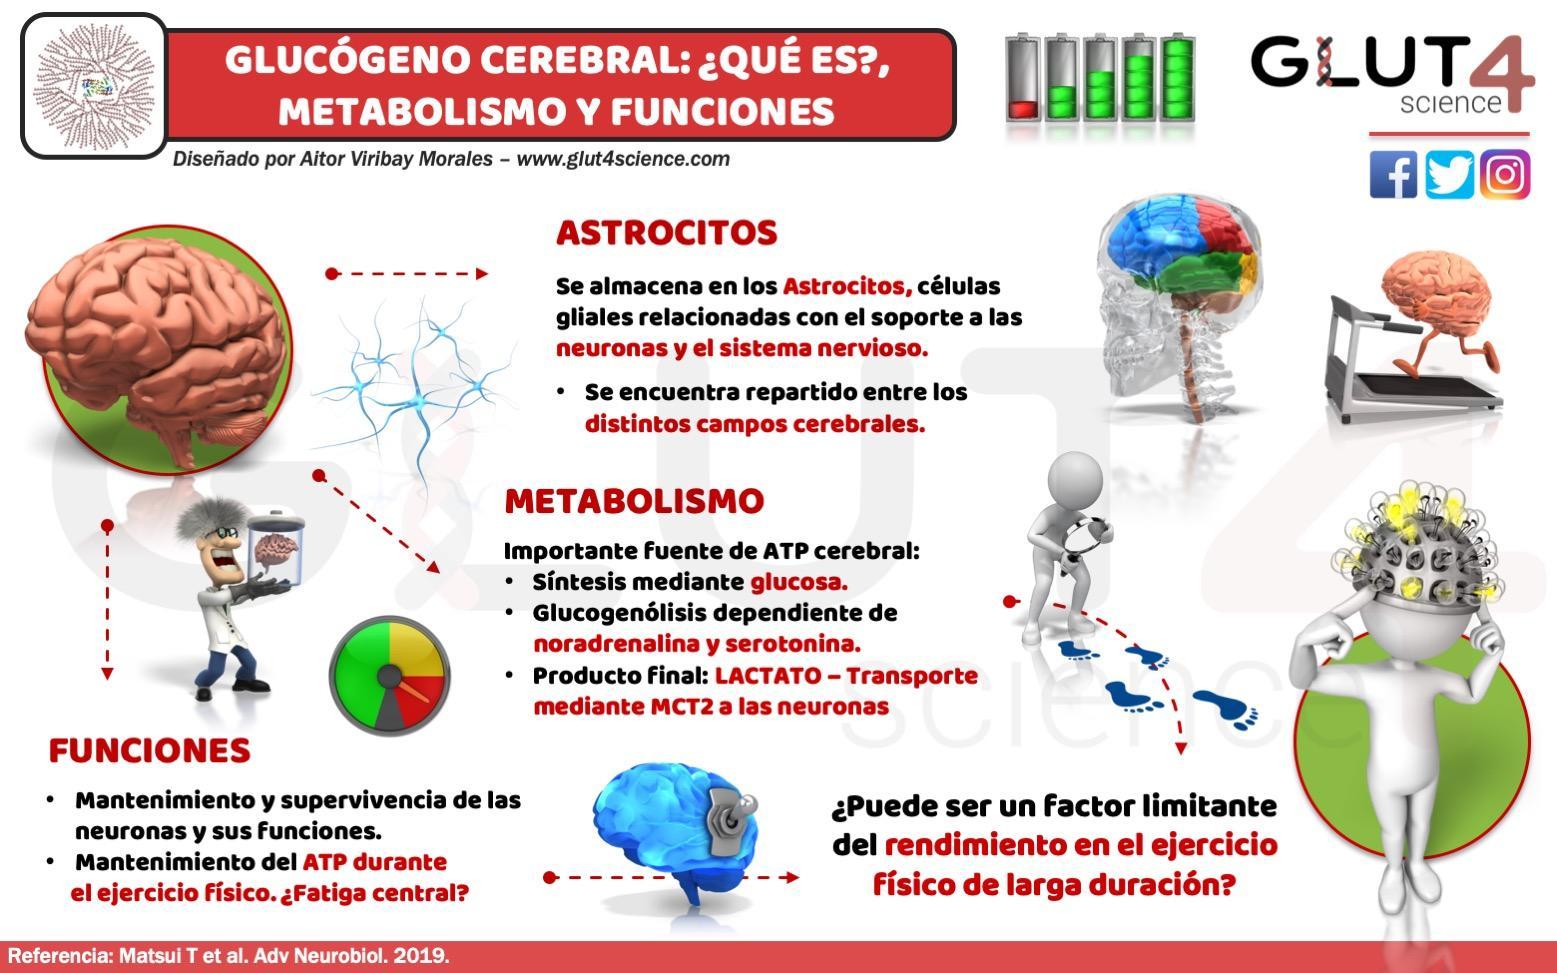 Glucógeno cerebral en astrocitos y sus funciones